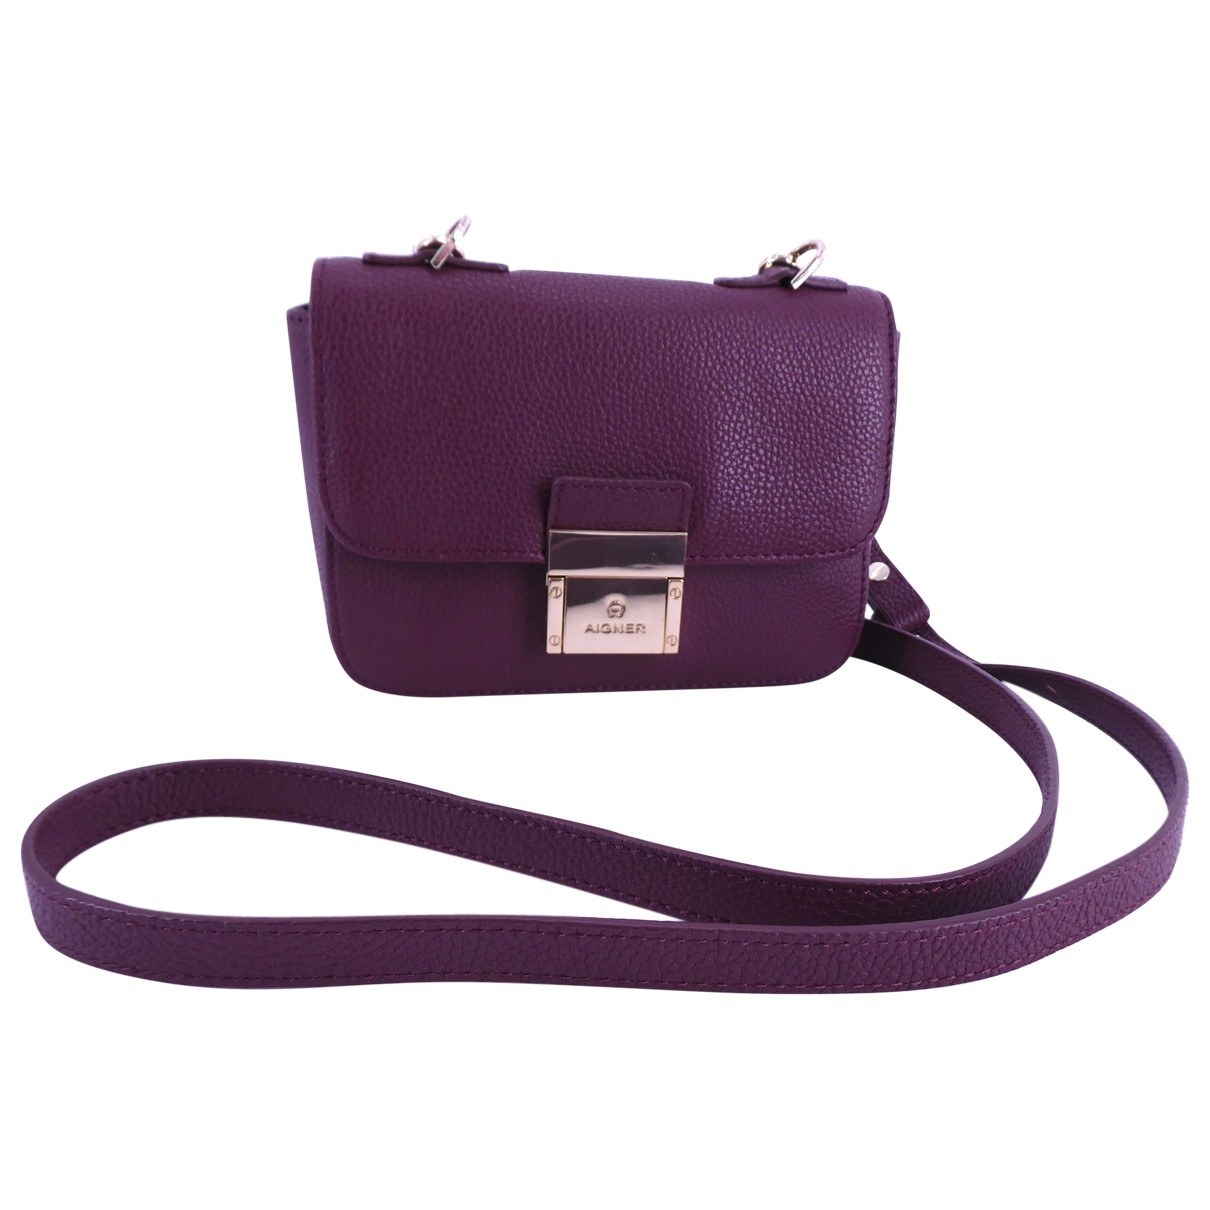 Aigner - Sac a main   pour femme en cuir - violet